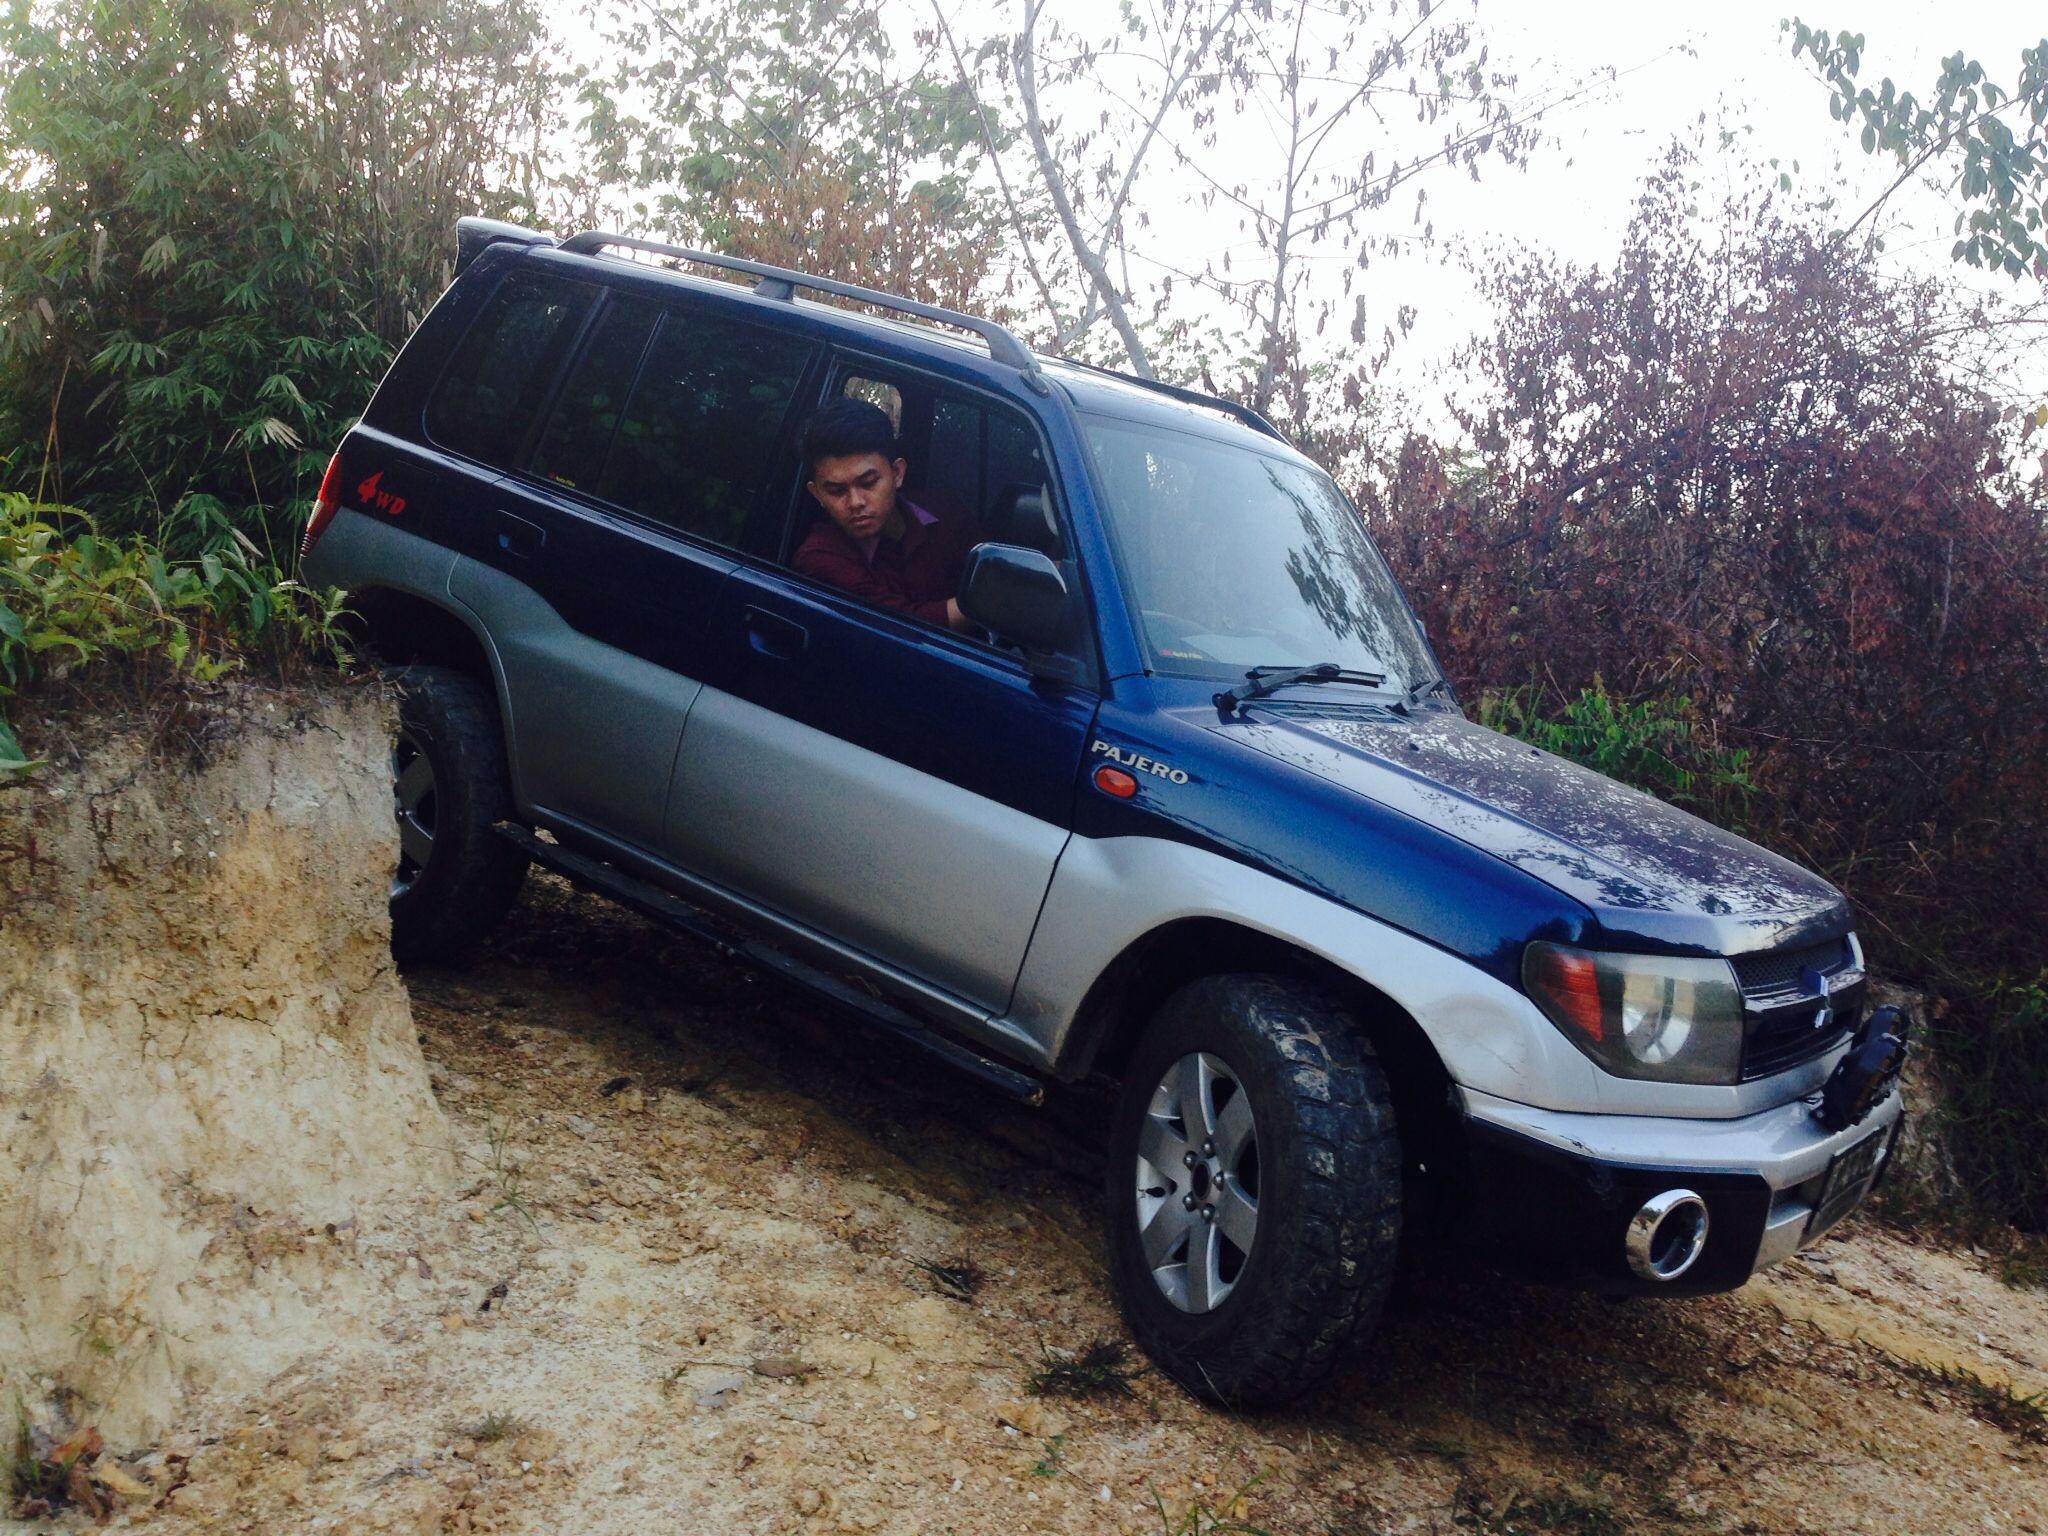 Mitsubishi Pajero Io Off Roading